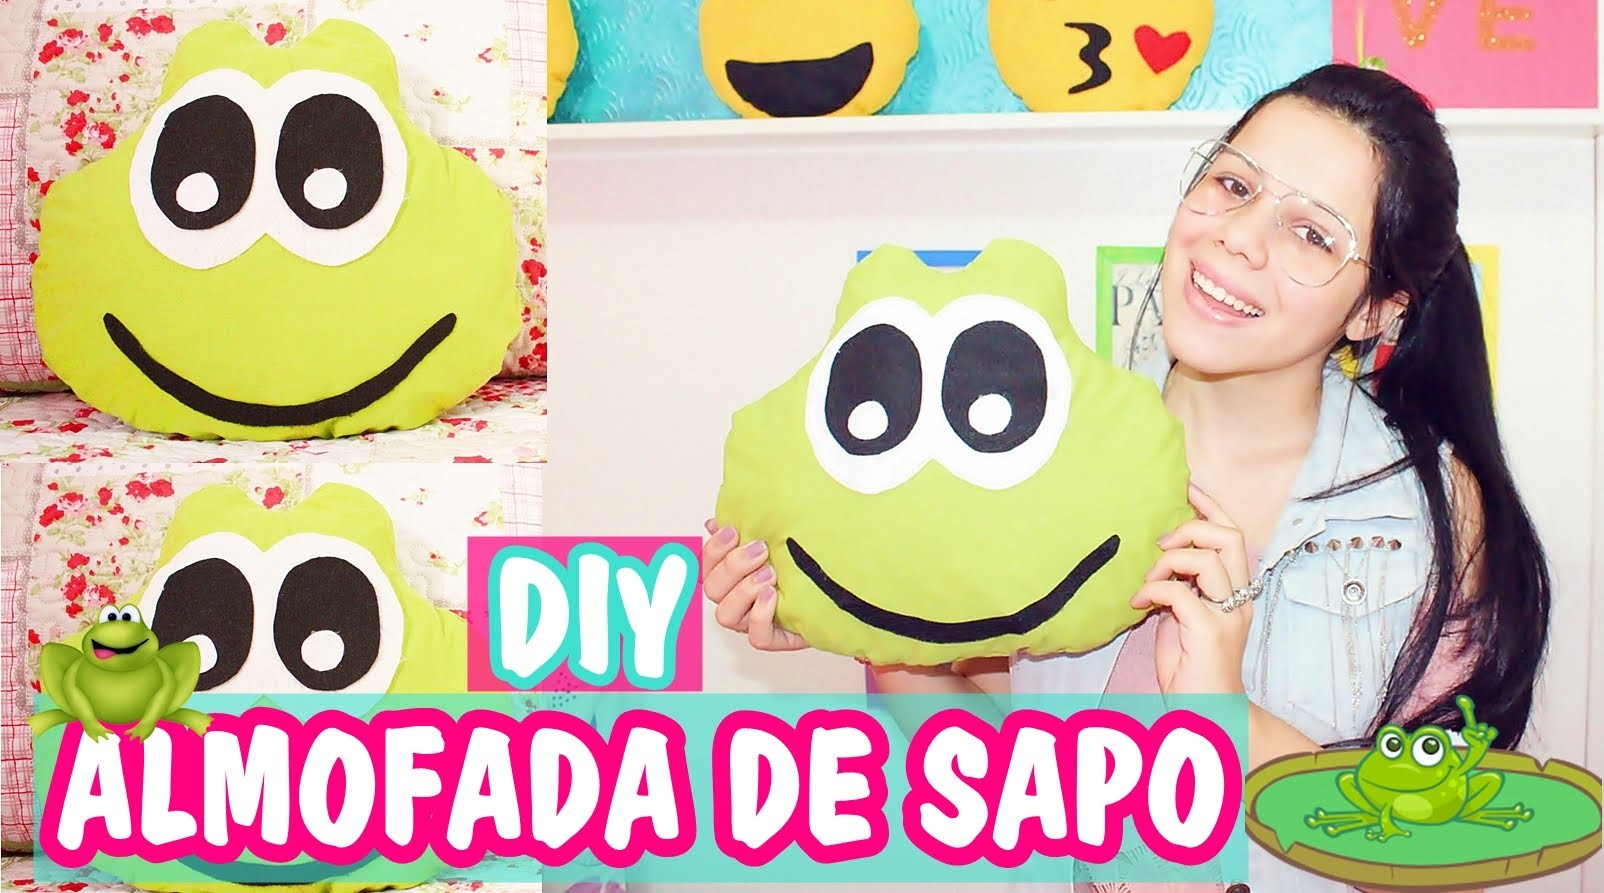 DIY: ALMOFADA DE SAPO - Faça Você Mesma